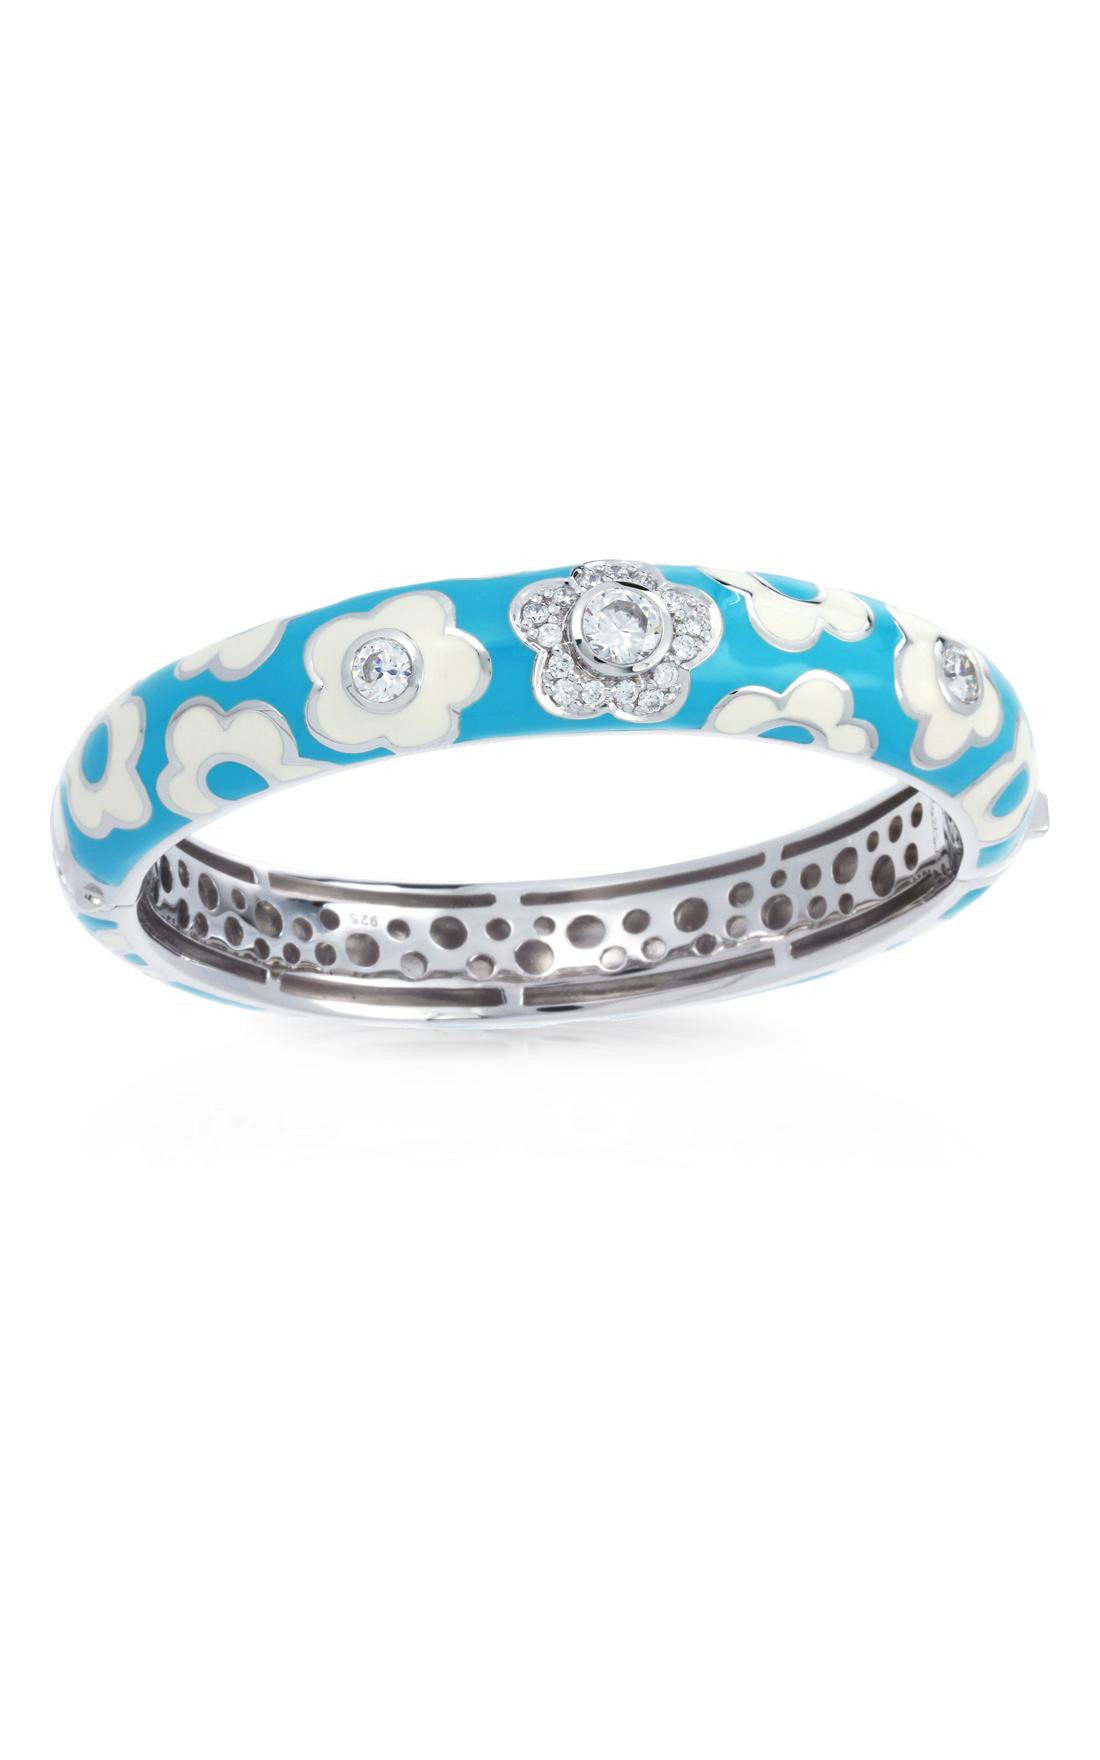 Belle Etoile Fleur Bracelet GF7981804-L product image